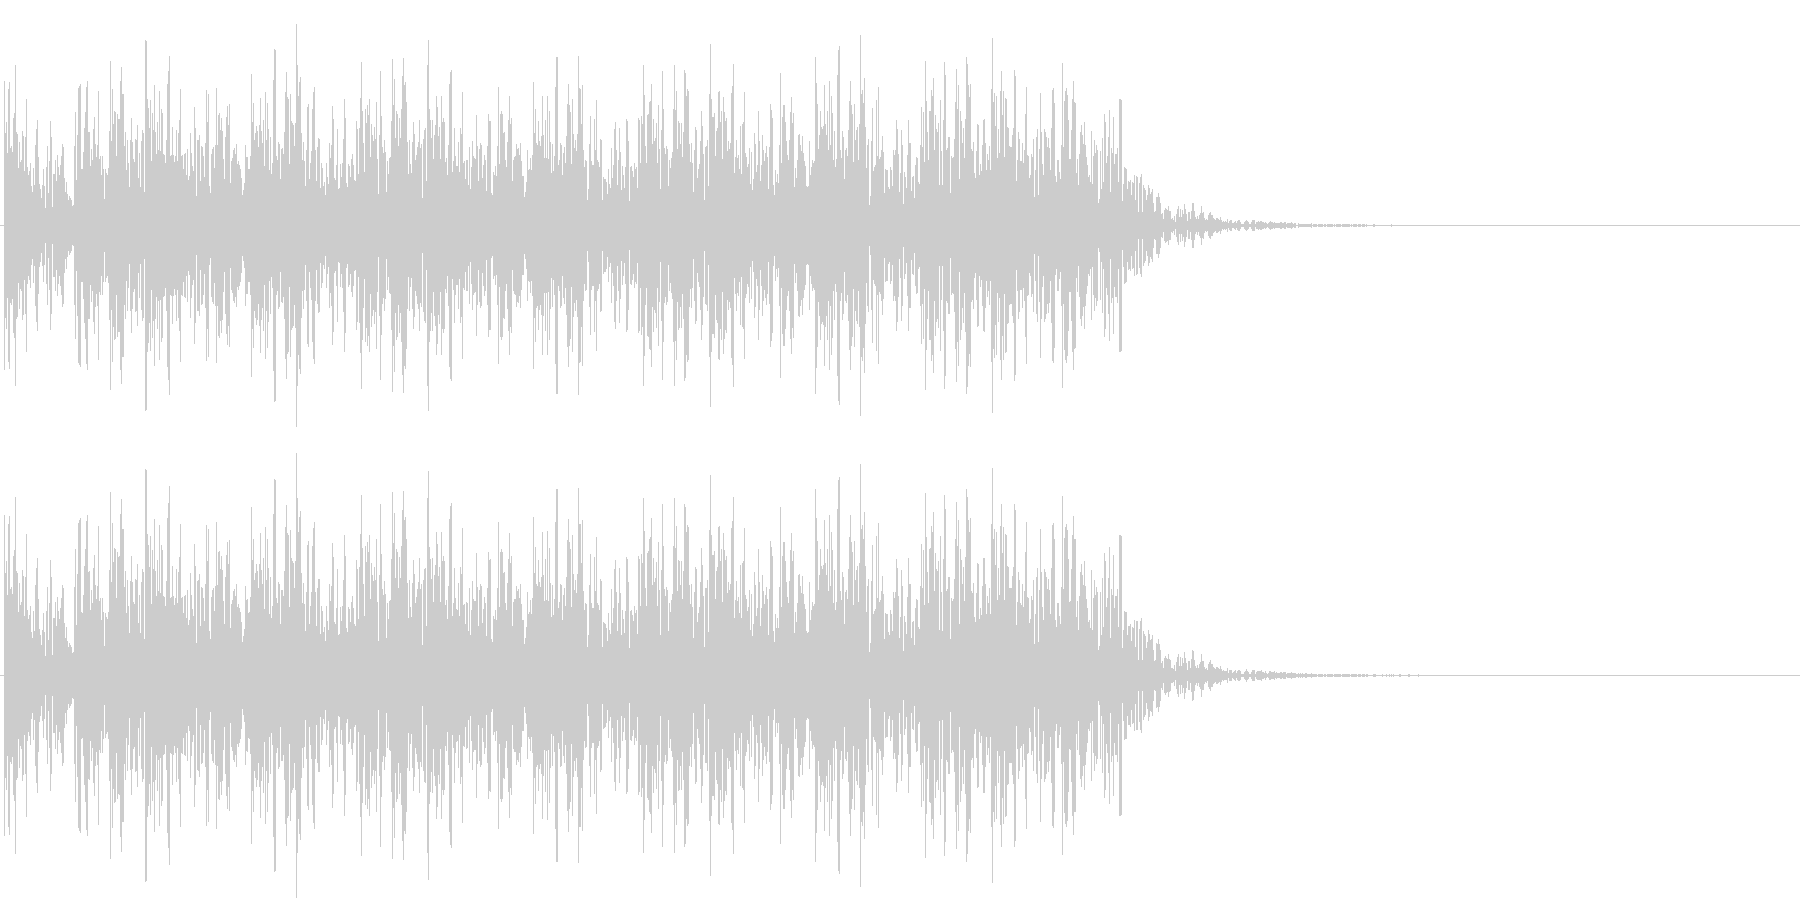 太鼓連続の未再生の波形